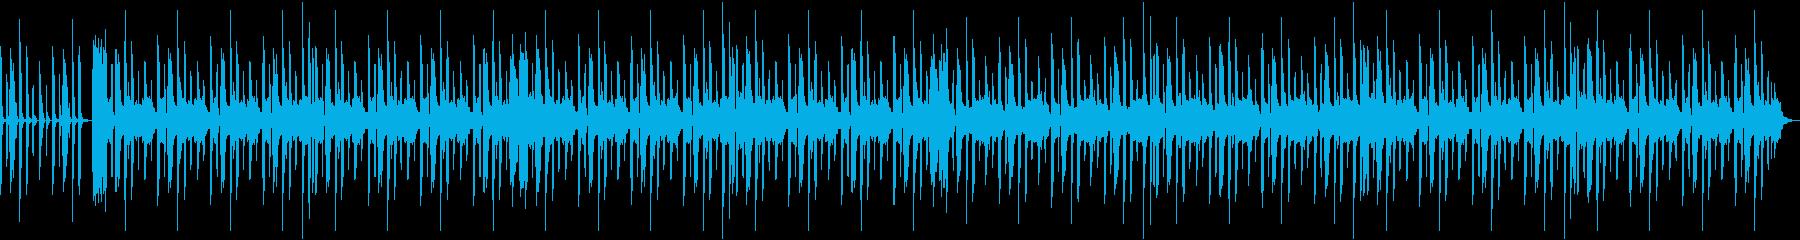 ドライブなどで流れる陽気なビートの曲の再生済みの波形